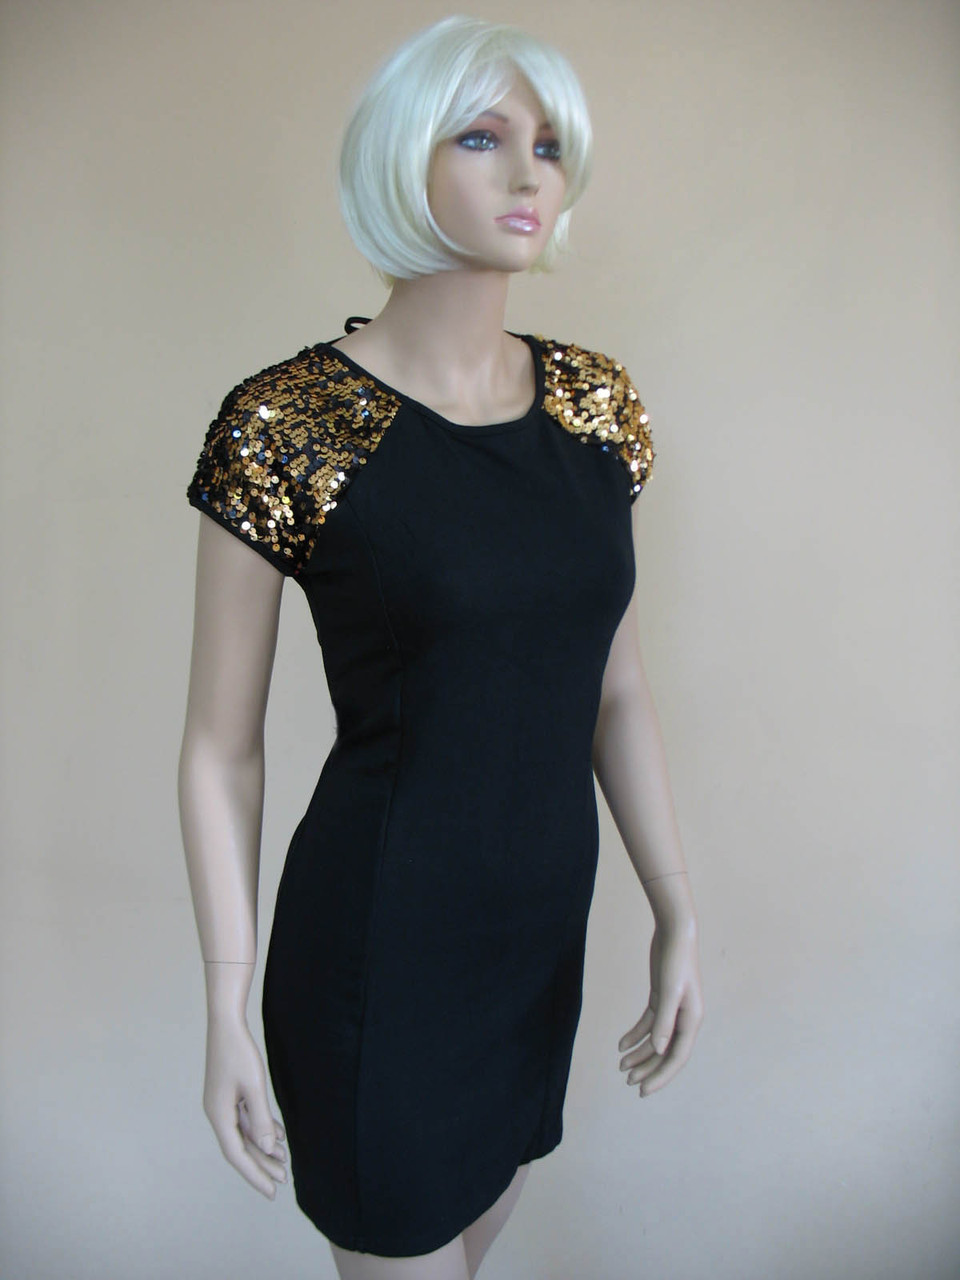 ed597e35ccca7b4 Женское черное платье с золотистыми пайетками на плечах и завязками по  спине - Интернет магазин одежды